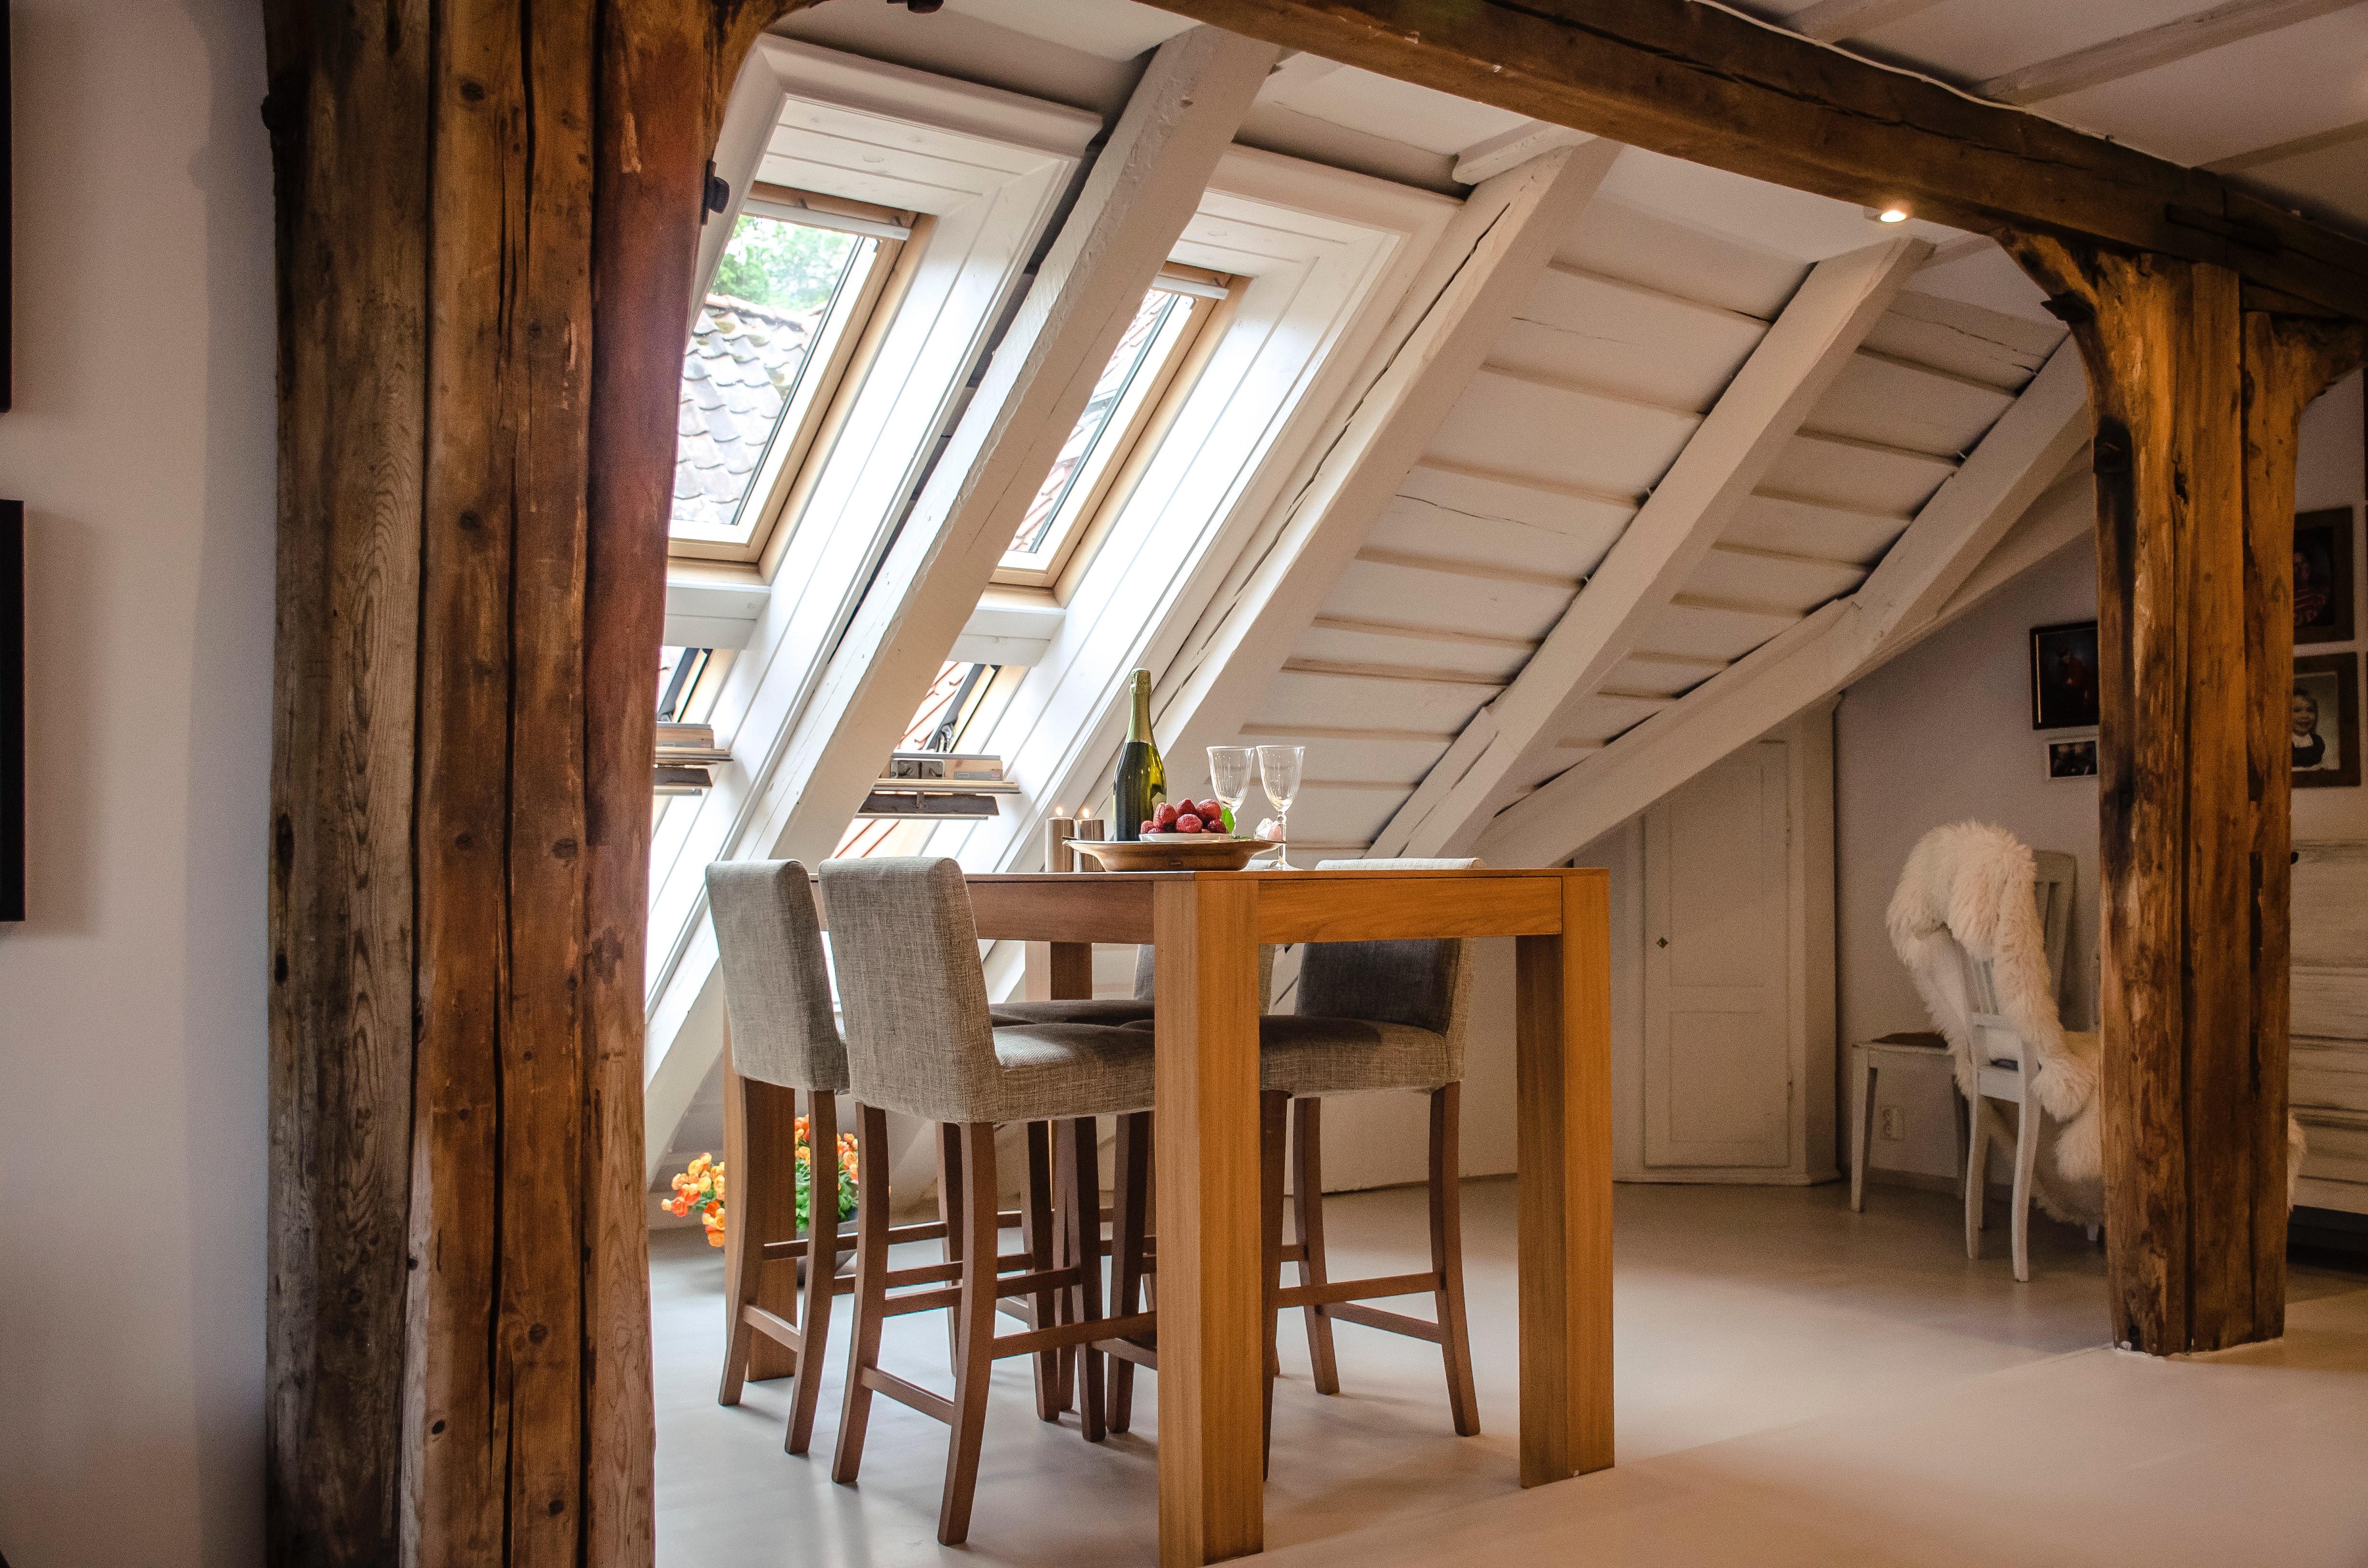 Wooden furniture in a rustic loft